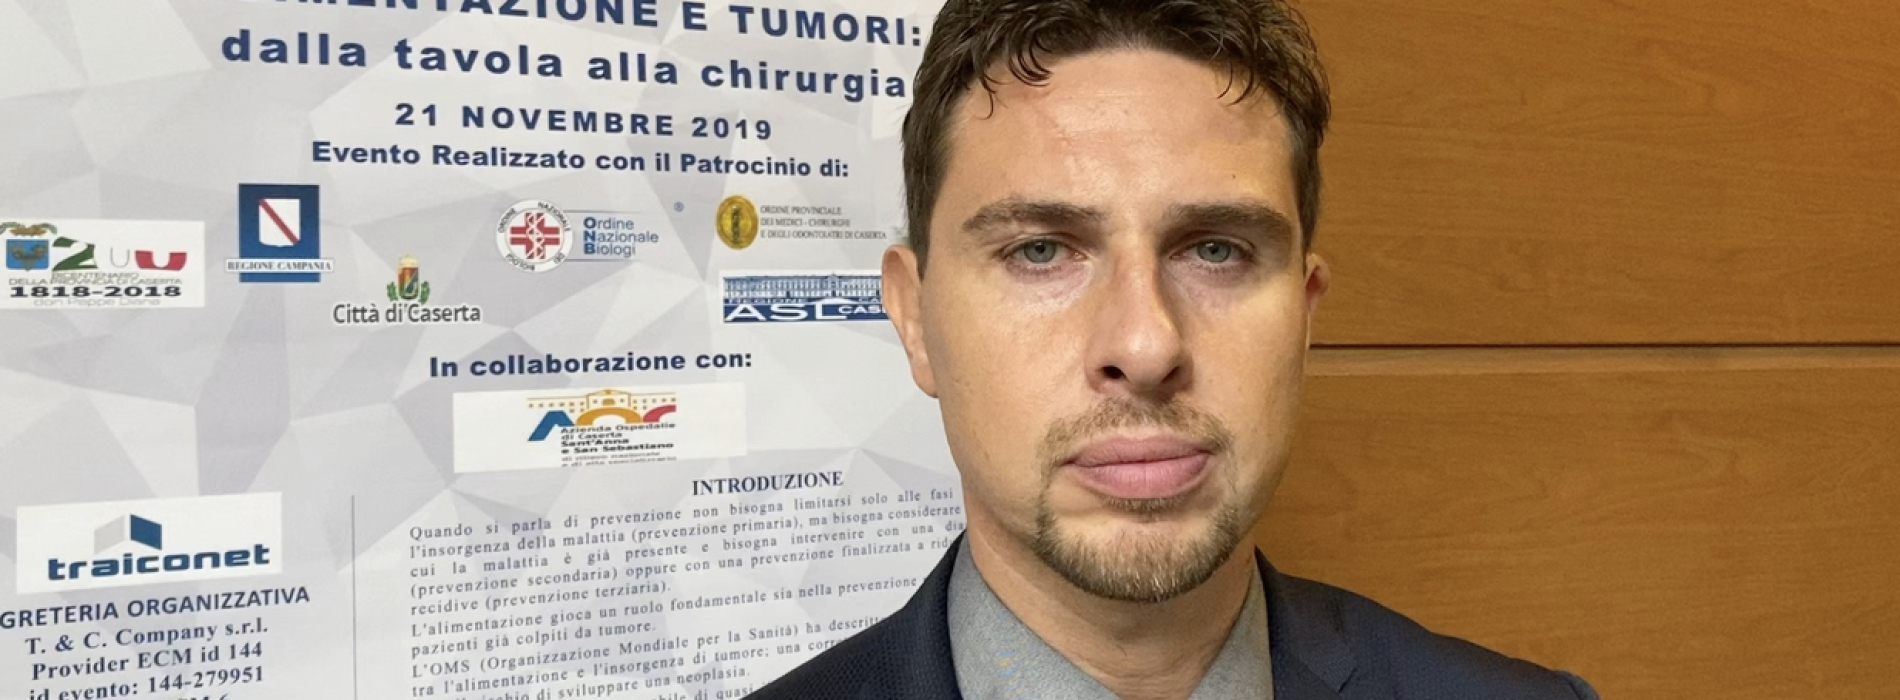 Lilt Caserta, la lotta contro i tumori dalla tavola alla chirurgia